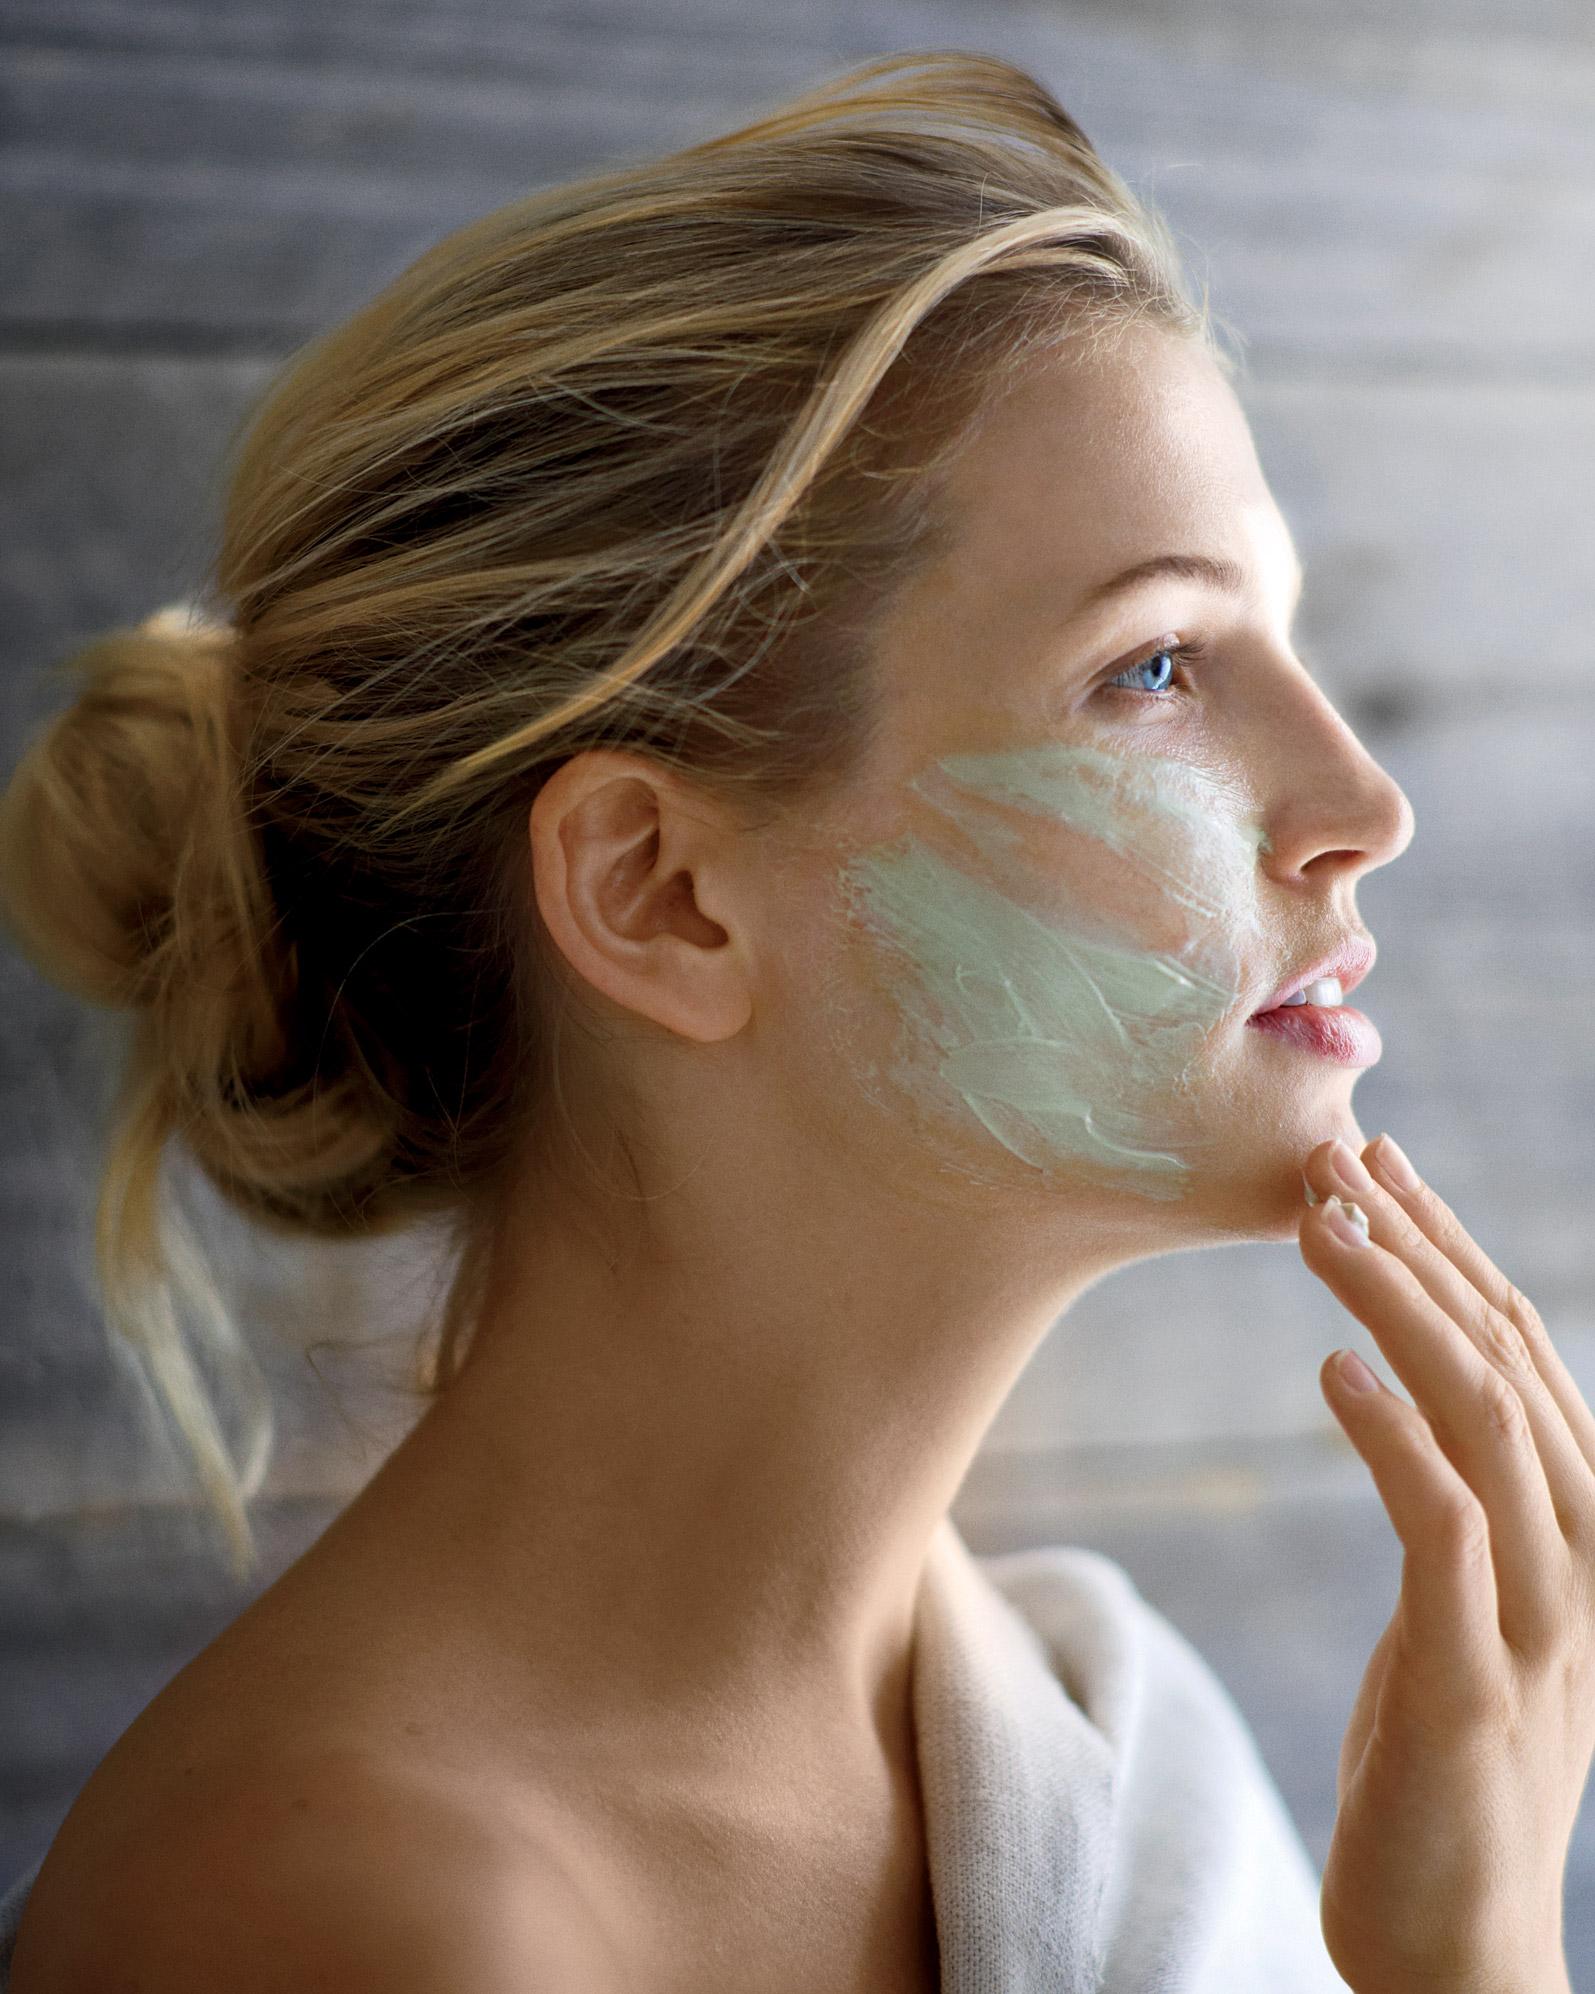 face-mask-mbd106453.jpg